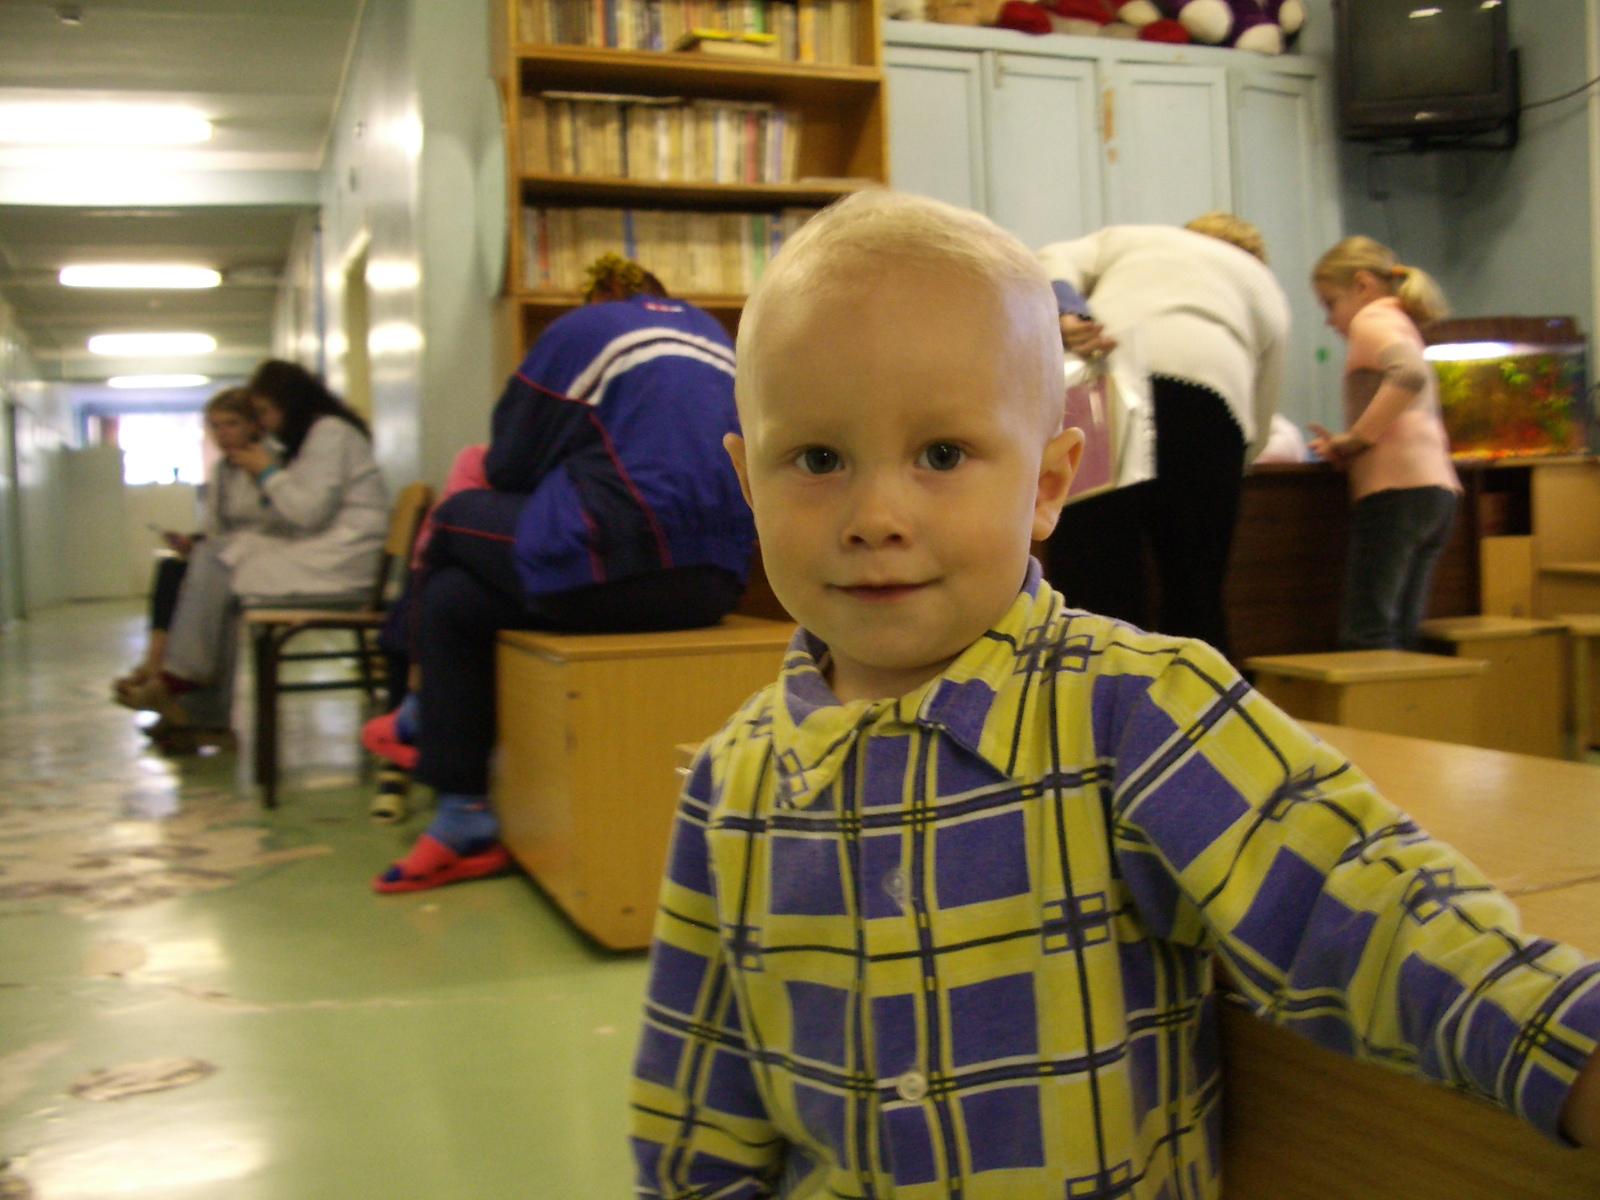 Baby Vasya Setnerov Samara 2006-10-03 027.JPG